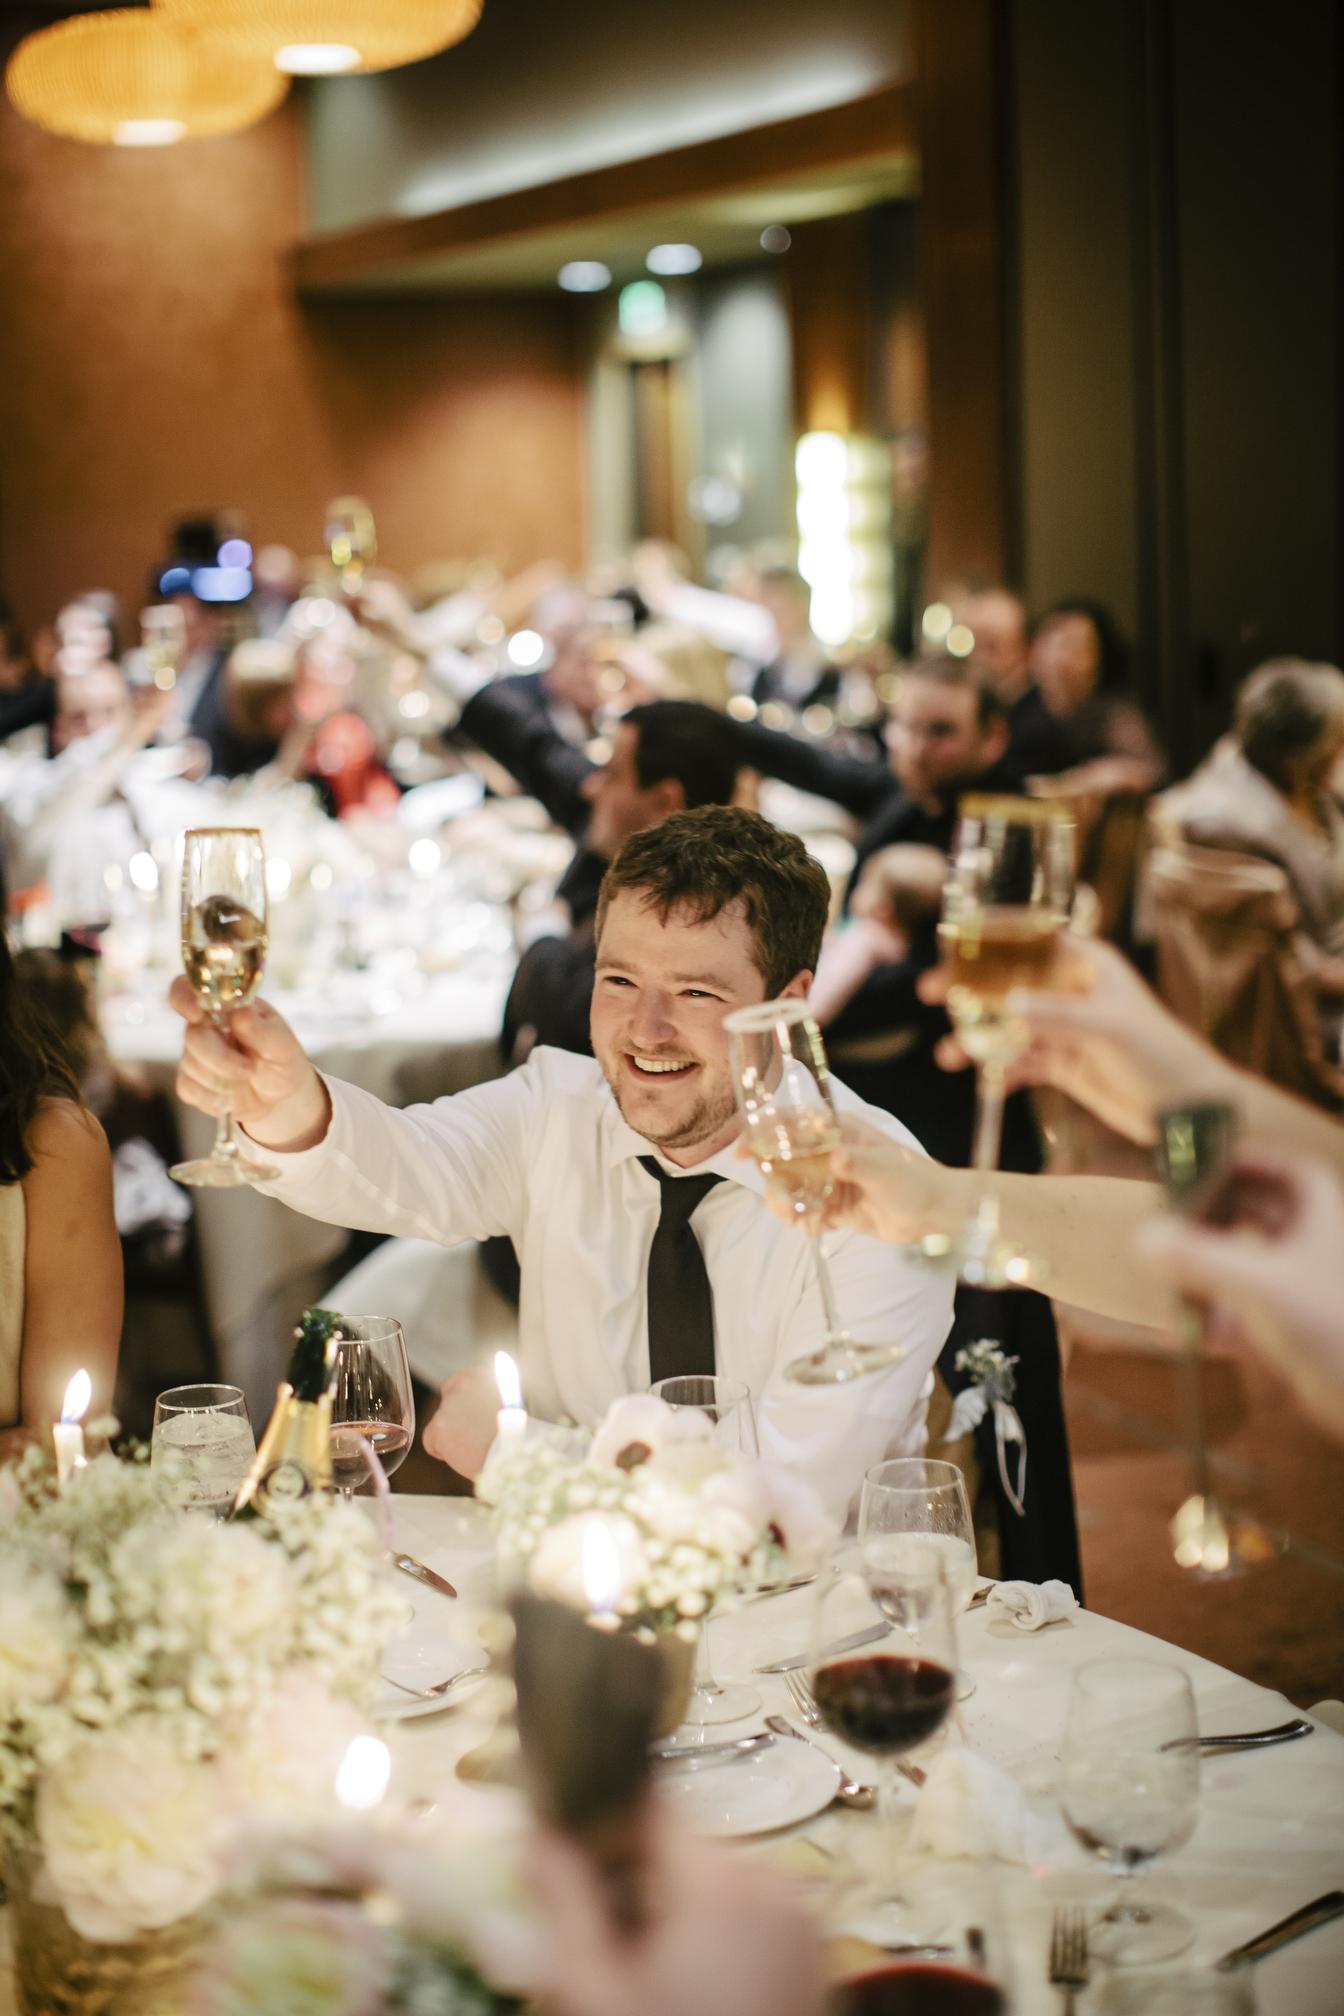 Lochmandy_Wedding-366.JPG